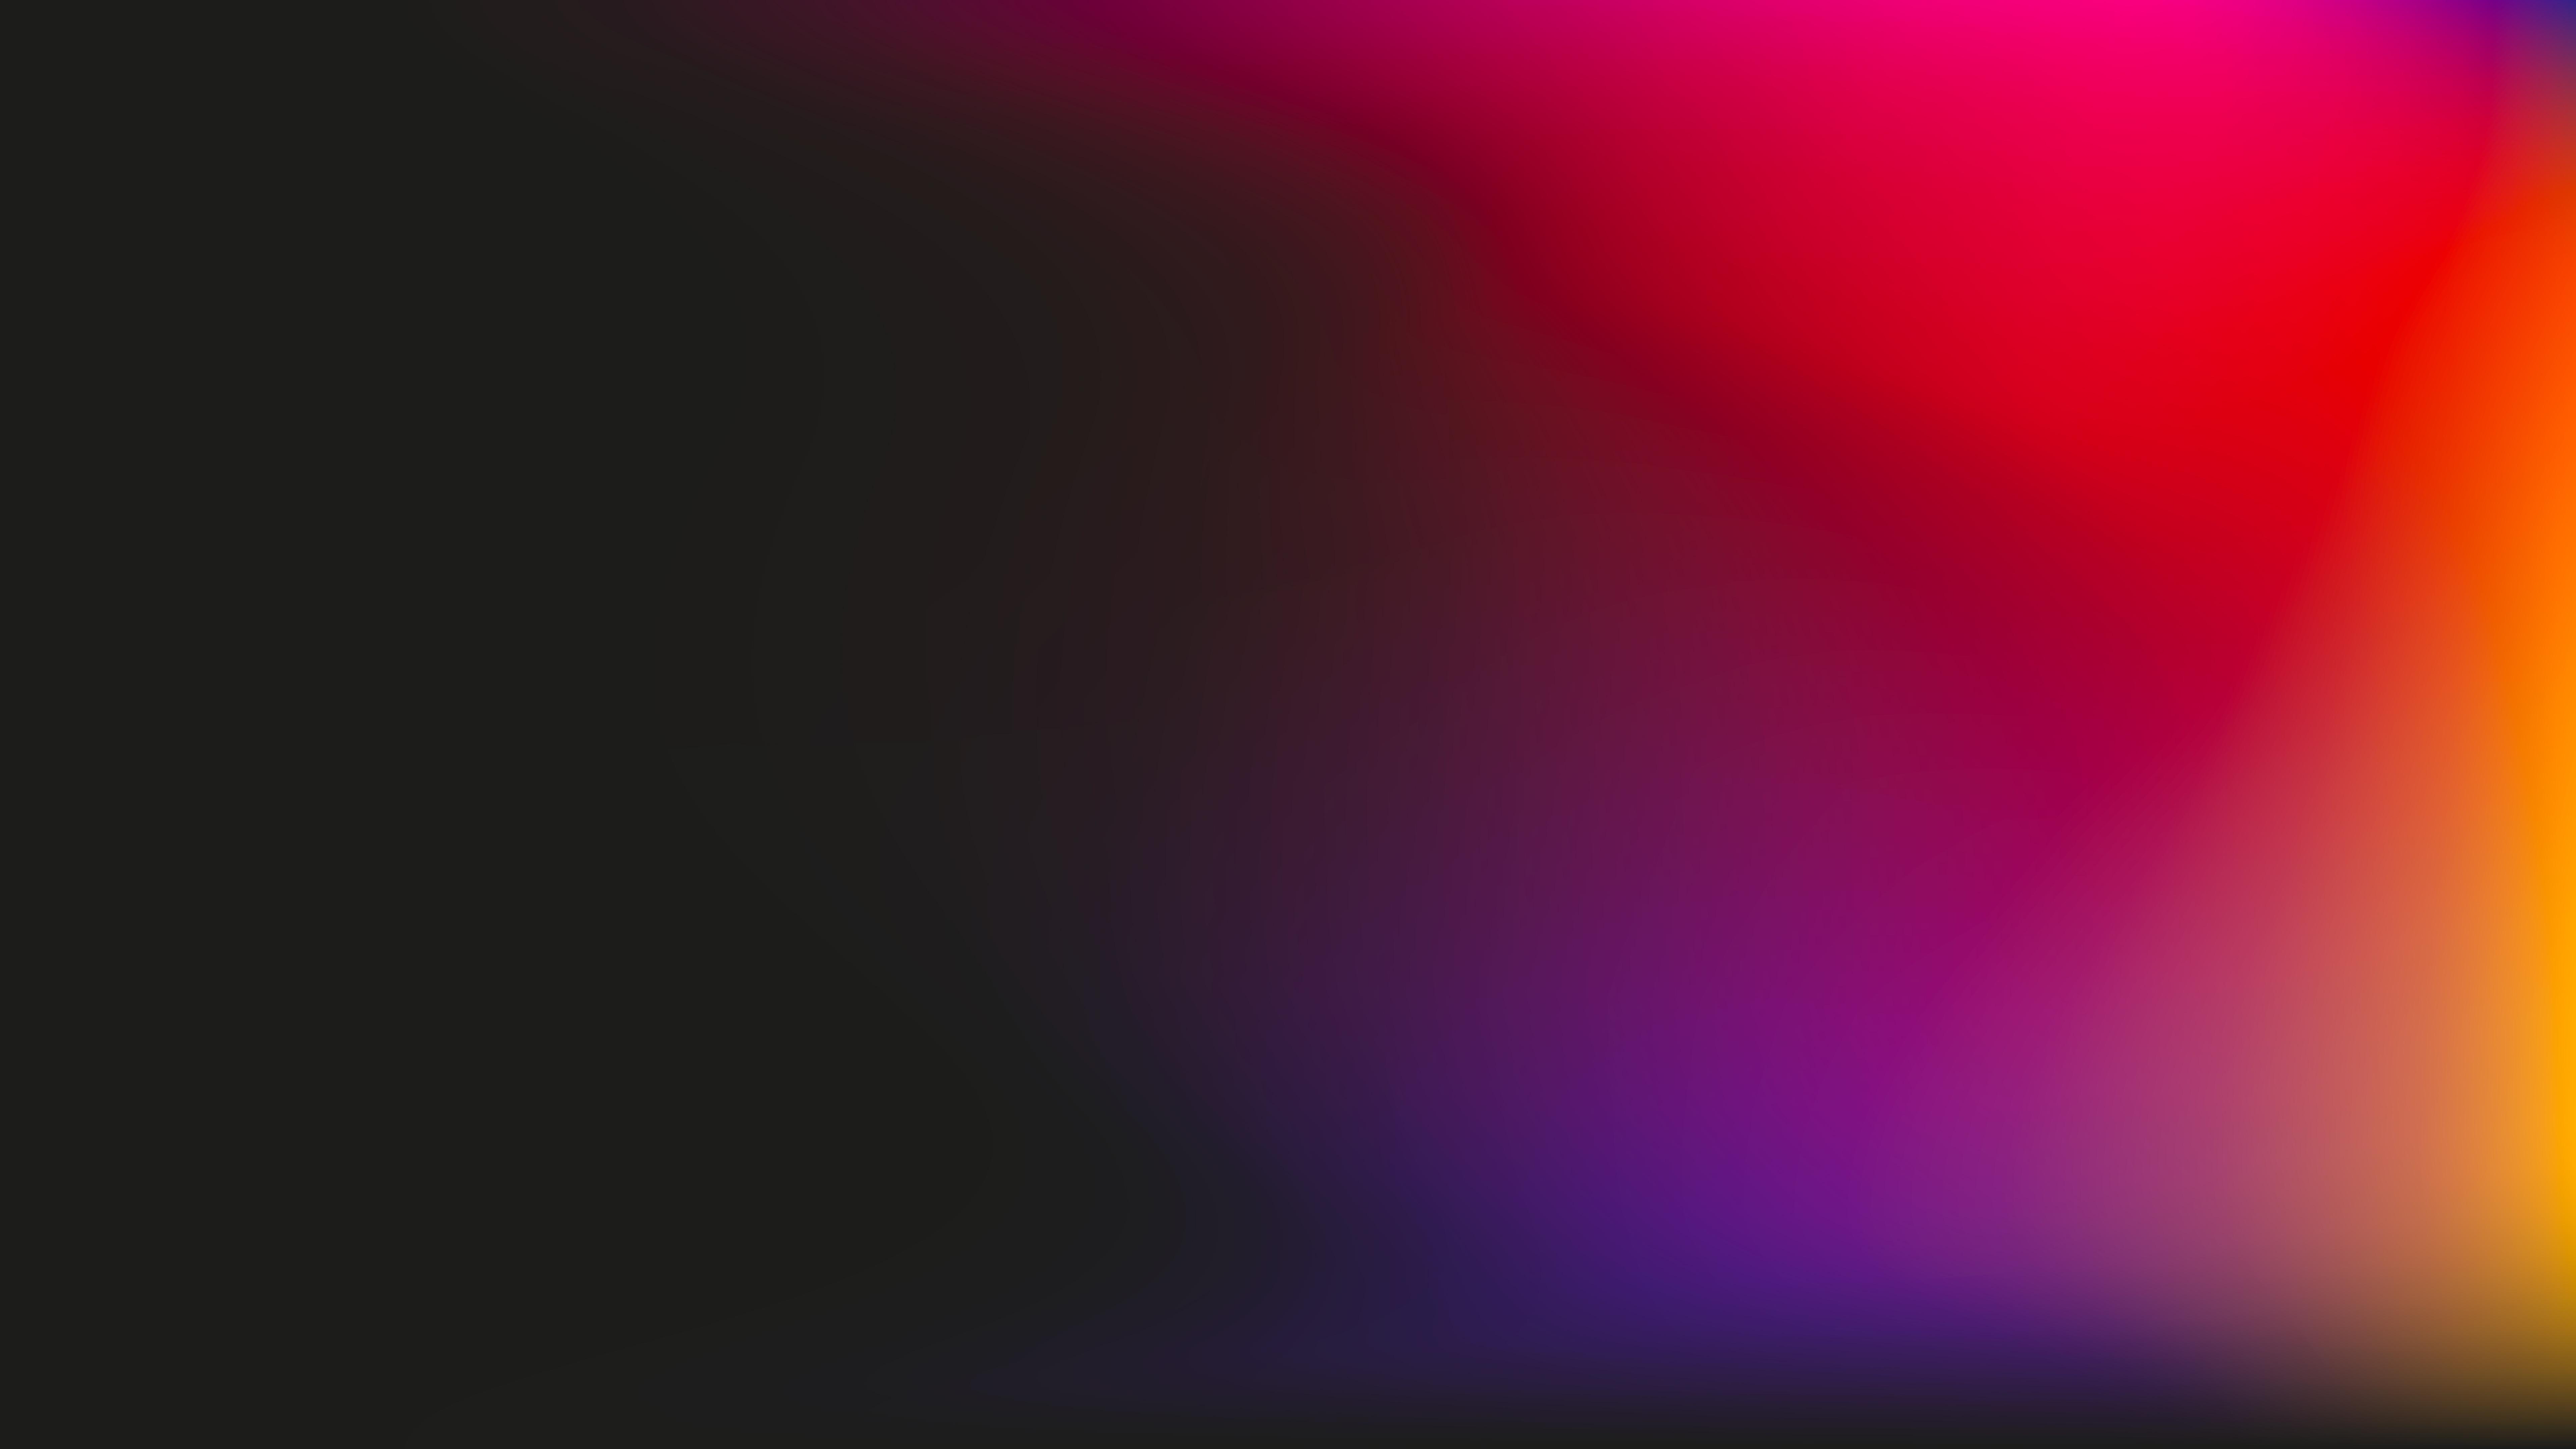 red colour blur 4k 1620165379 - Red Colour Blur 4k - Red Colour Blur 4k wallpapers